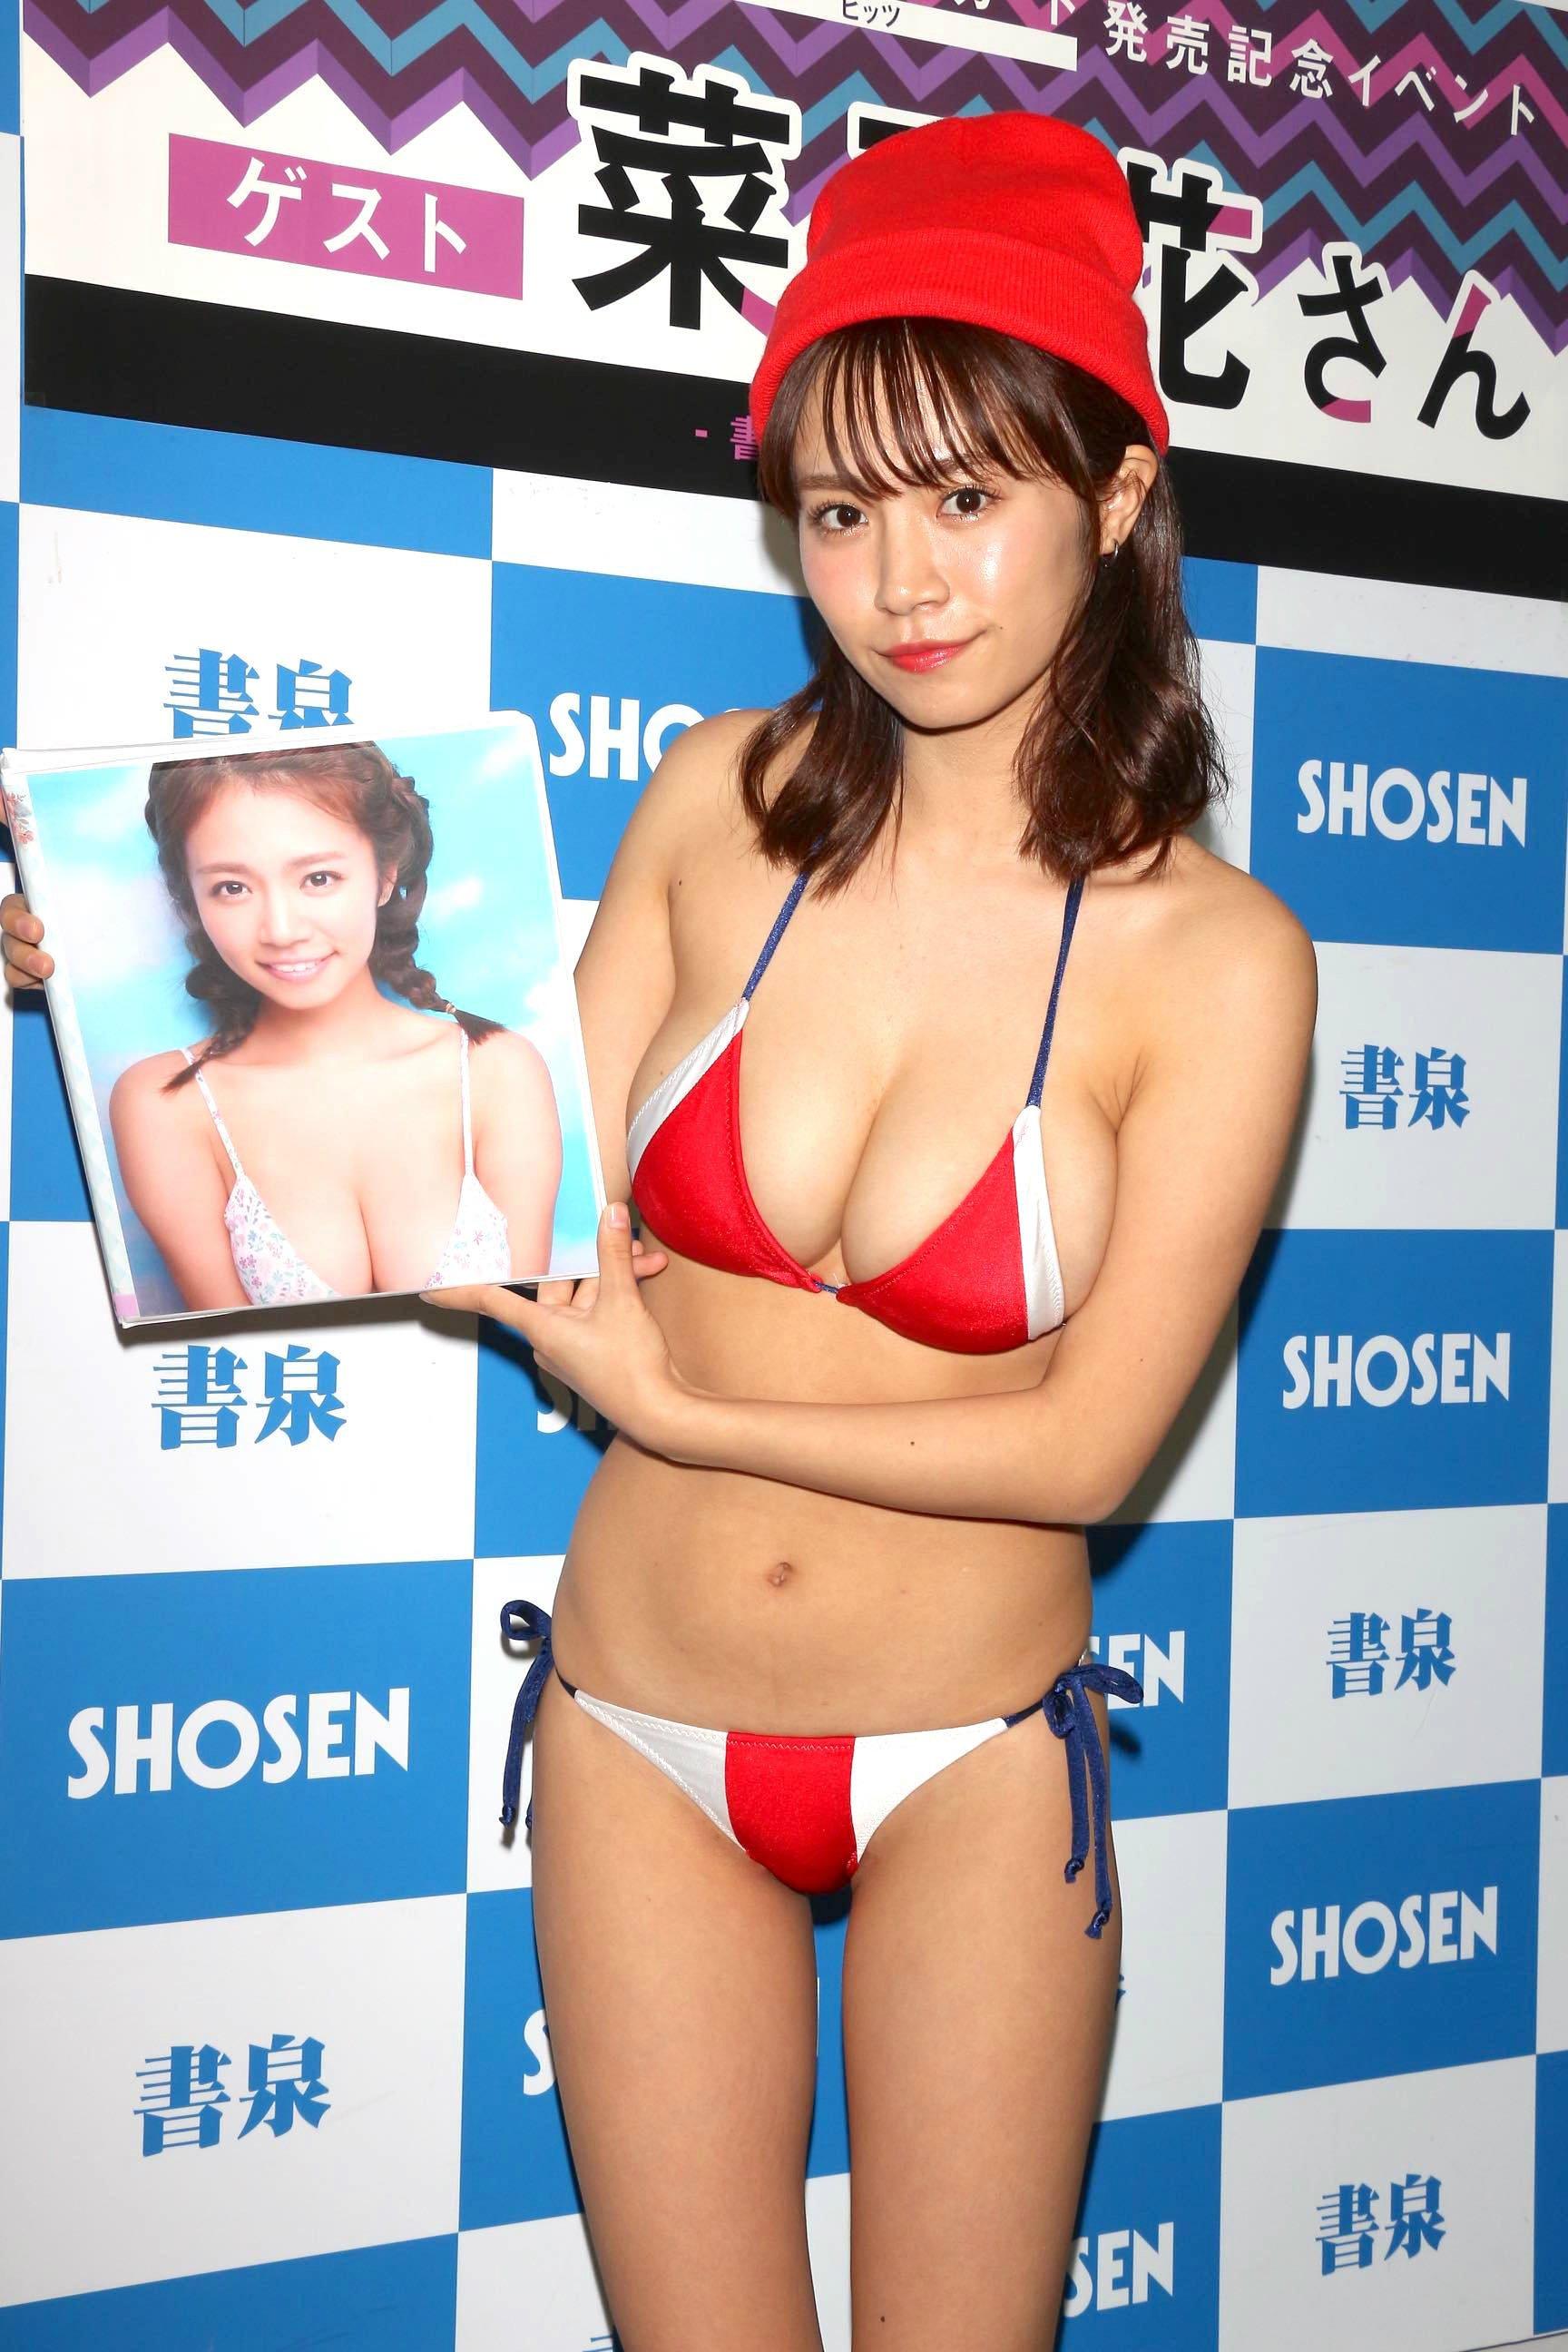 菜乃花「キス600回」を経験し、慣れてきた!?【写真18枚】の画像014